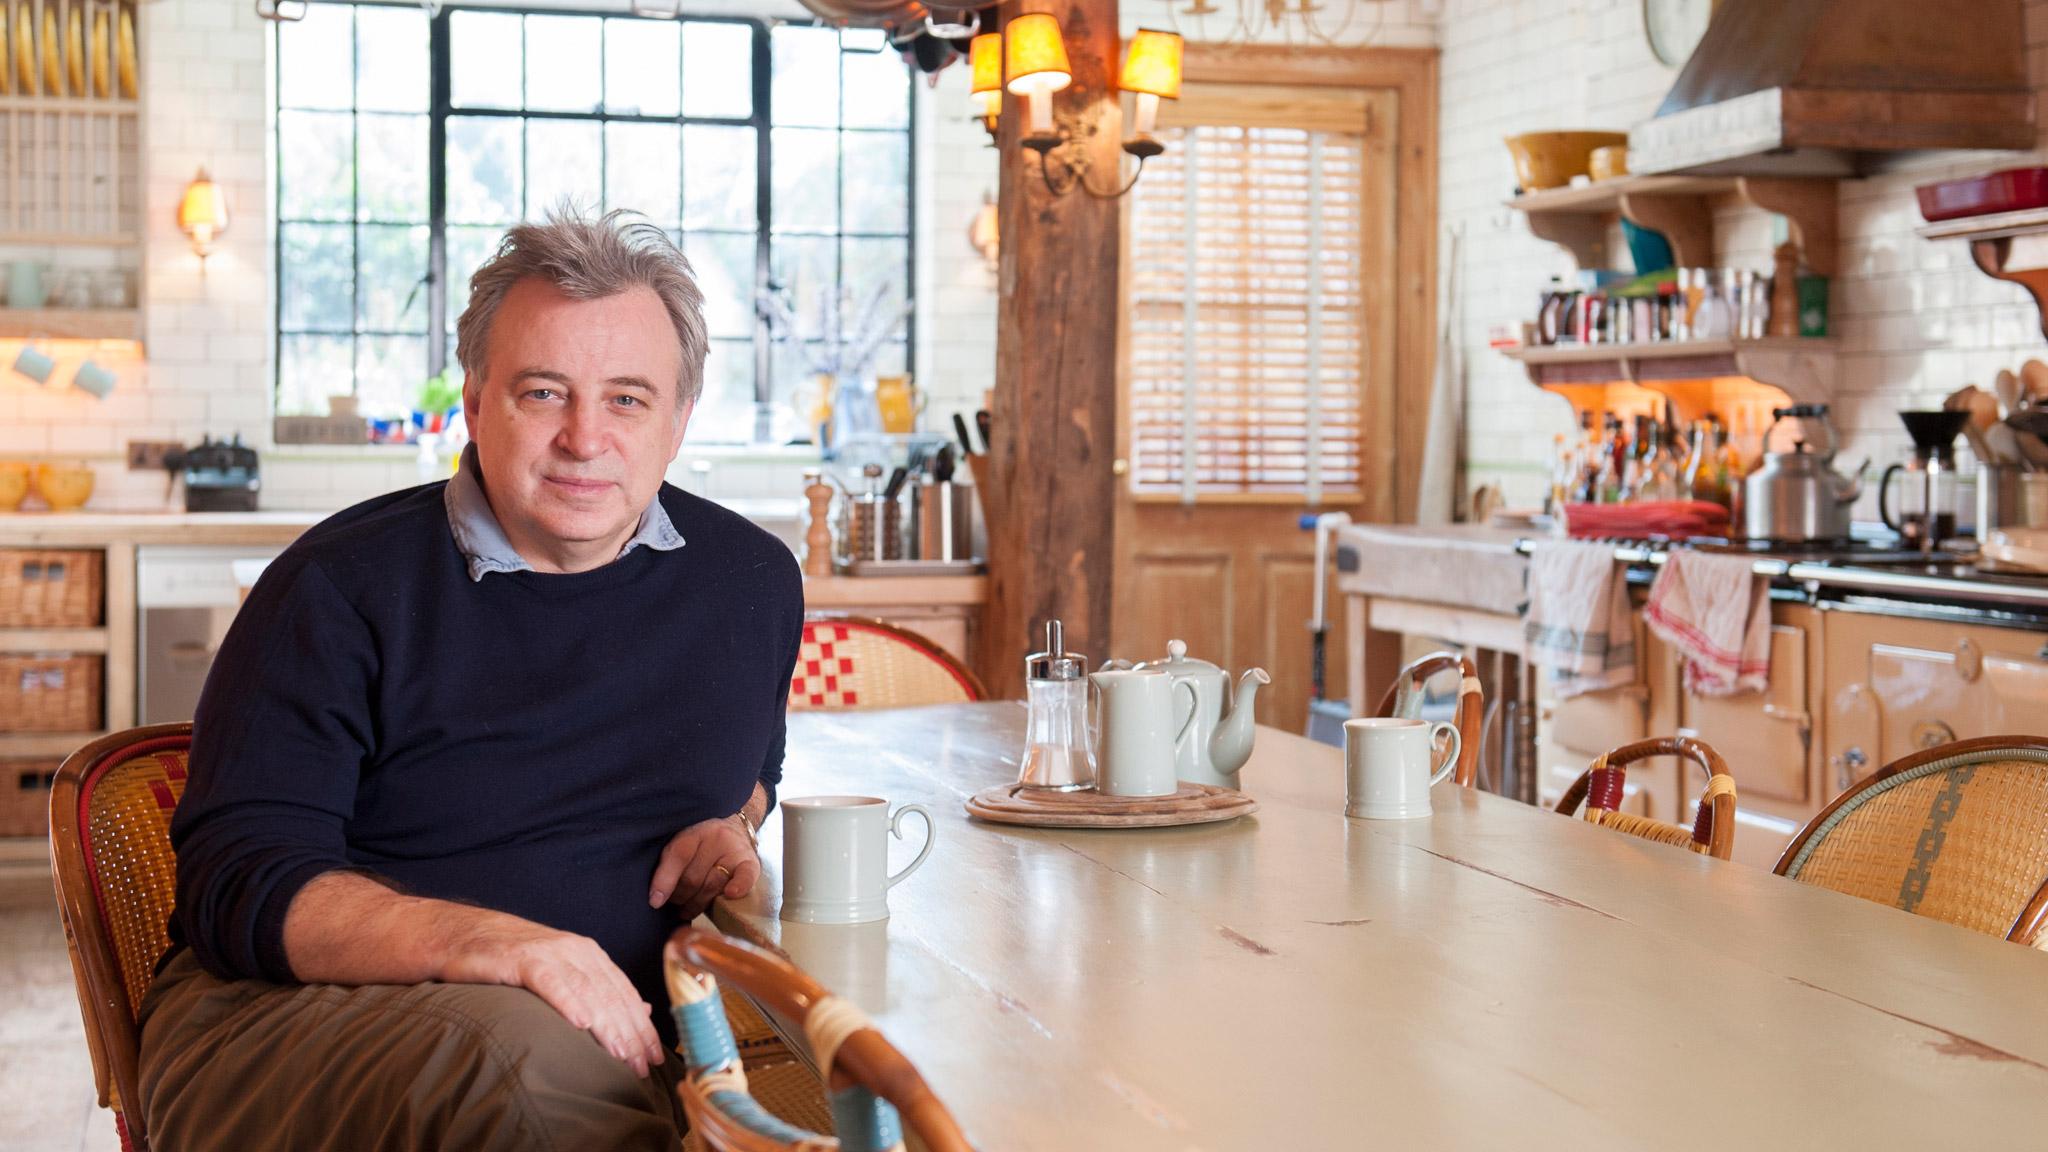 At home Keith McNally Financial